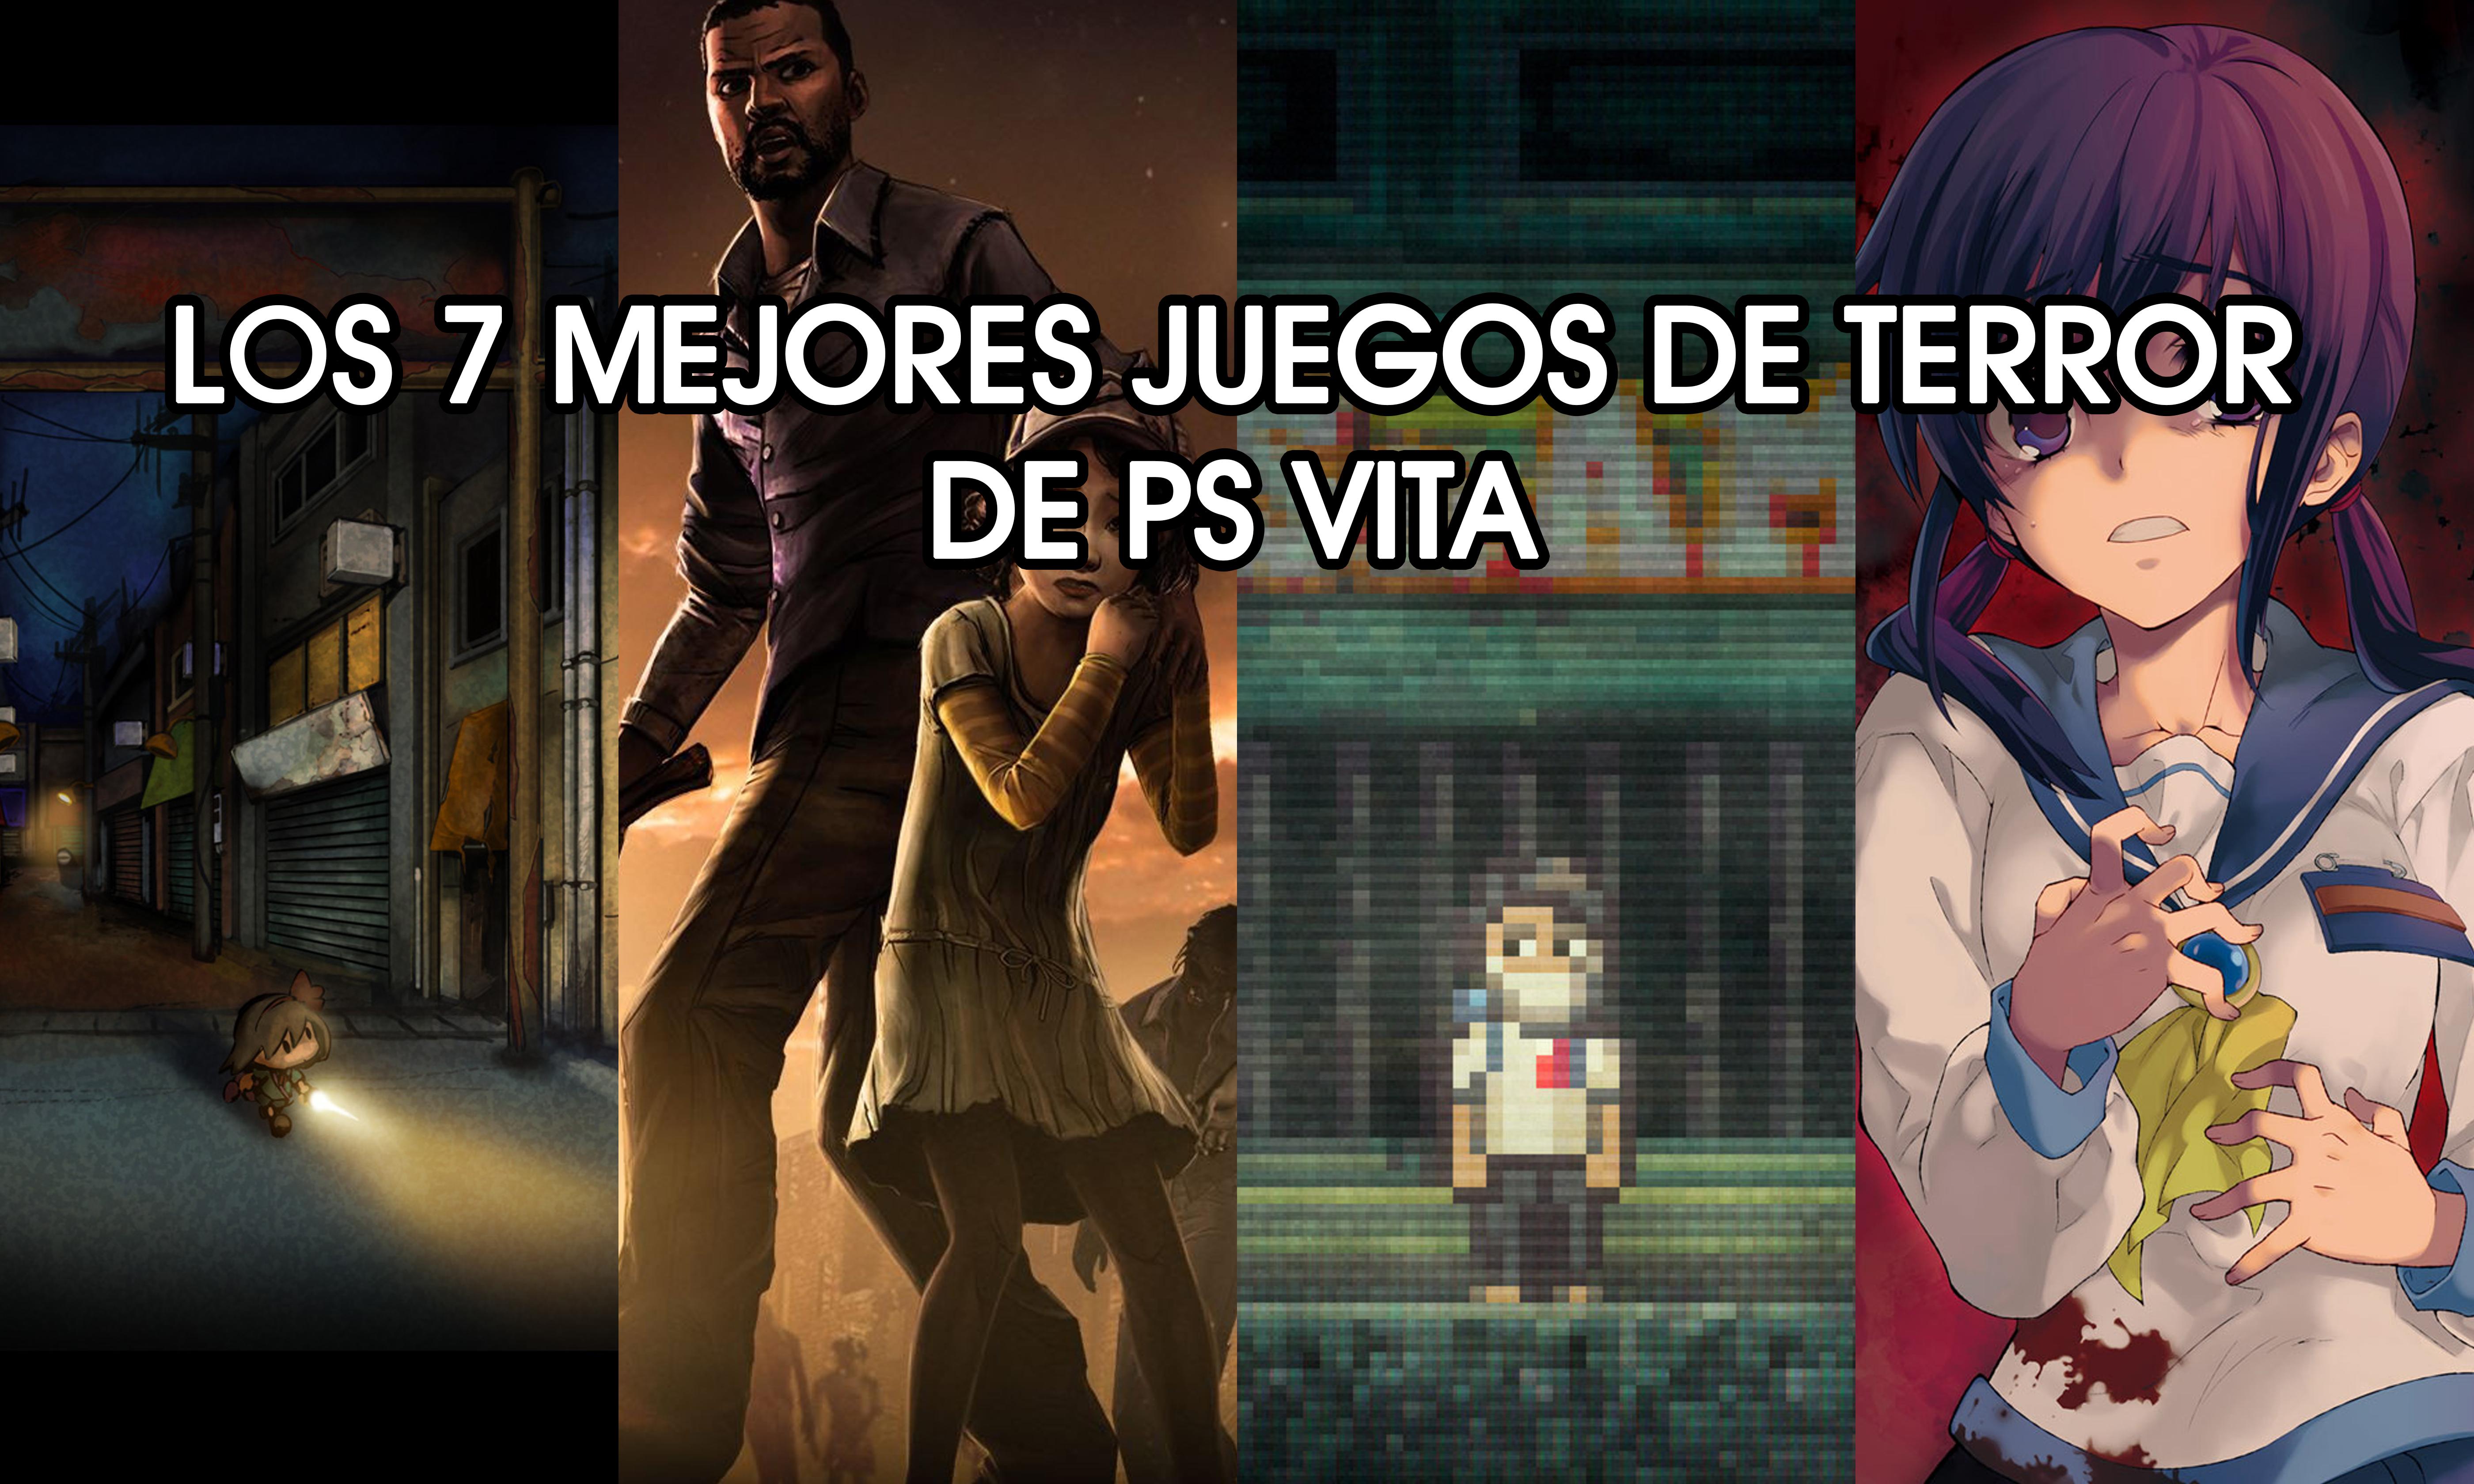 Top 7 Los Mejores Juegos De Terror Para Ps Vita Takoko